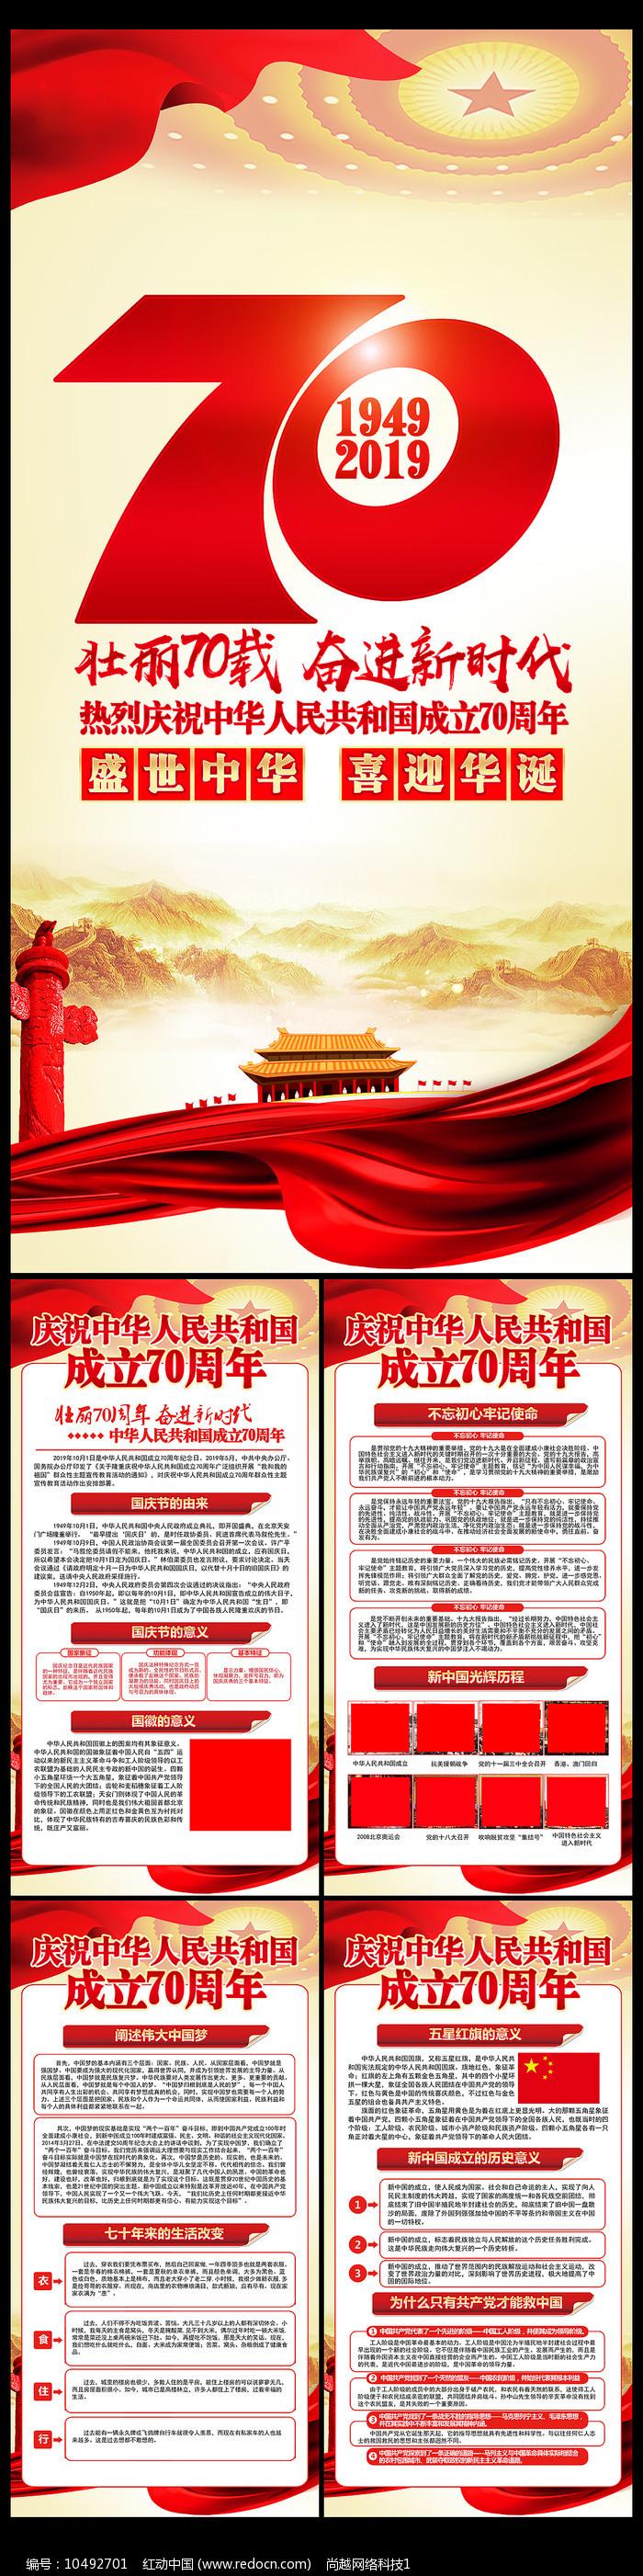 大气建国70周年国庆节宣传海报挂画图片